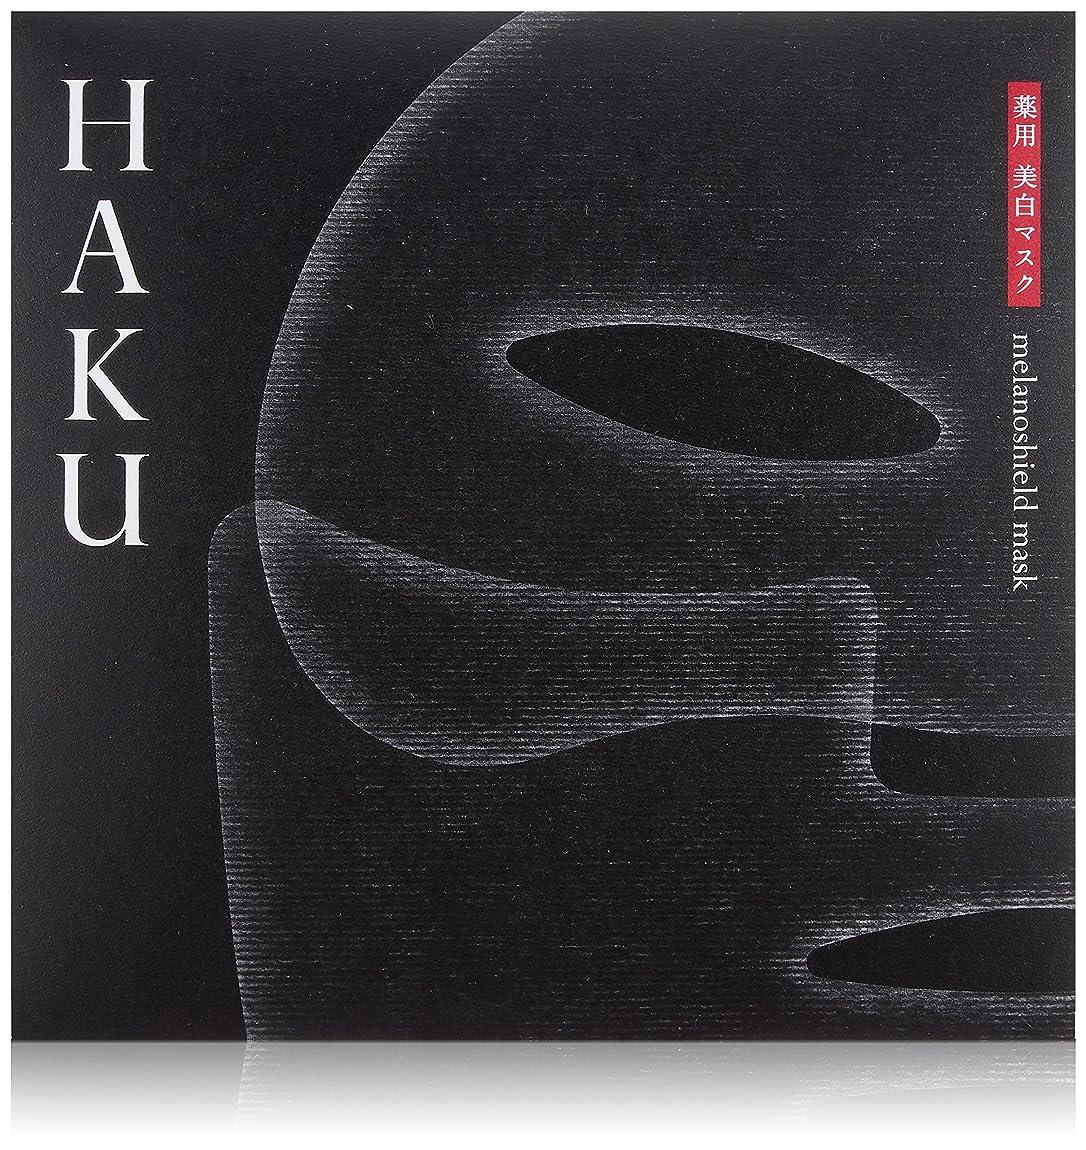 ブランド名あそこ十分ではないHAKU メラノシールド マスク 30mL 1袋 (上用?下用各1枚入) 薬用美白マスク 【医薬部外品】